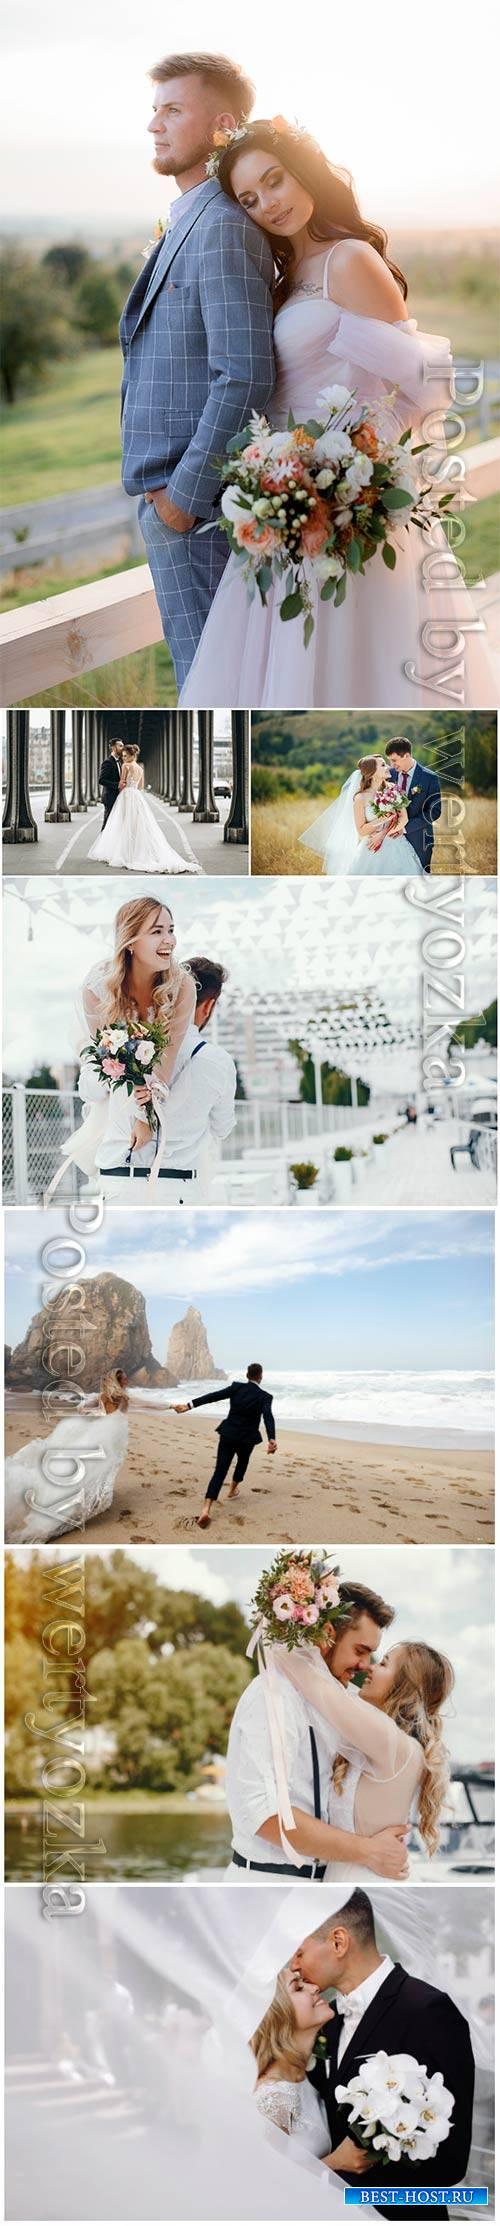 Bride and groom, wedding concept